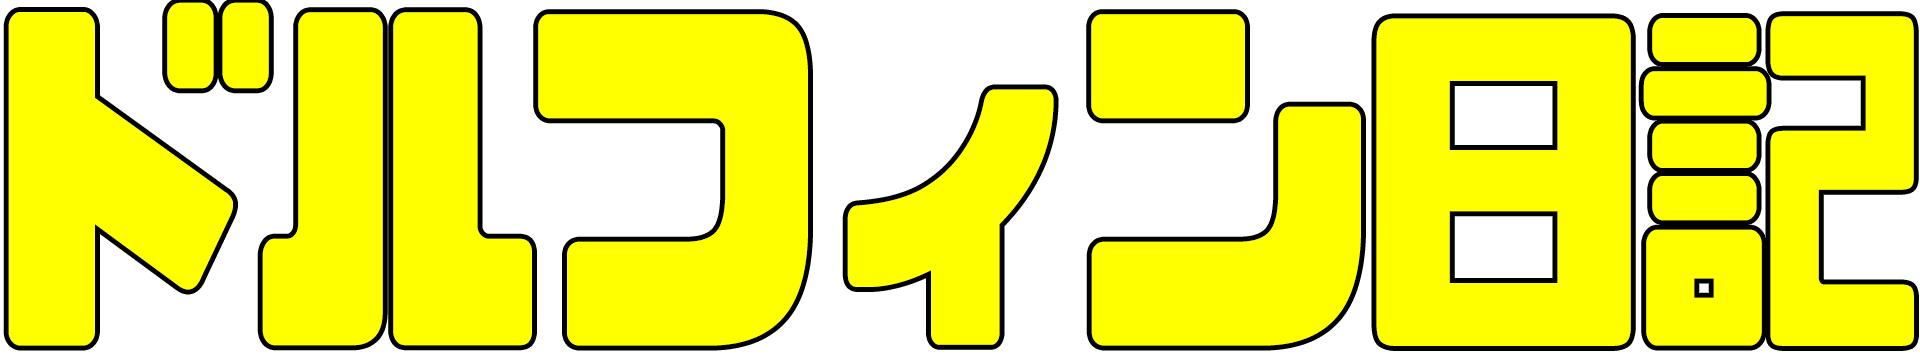 ドルフィン日記